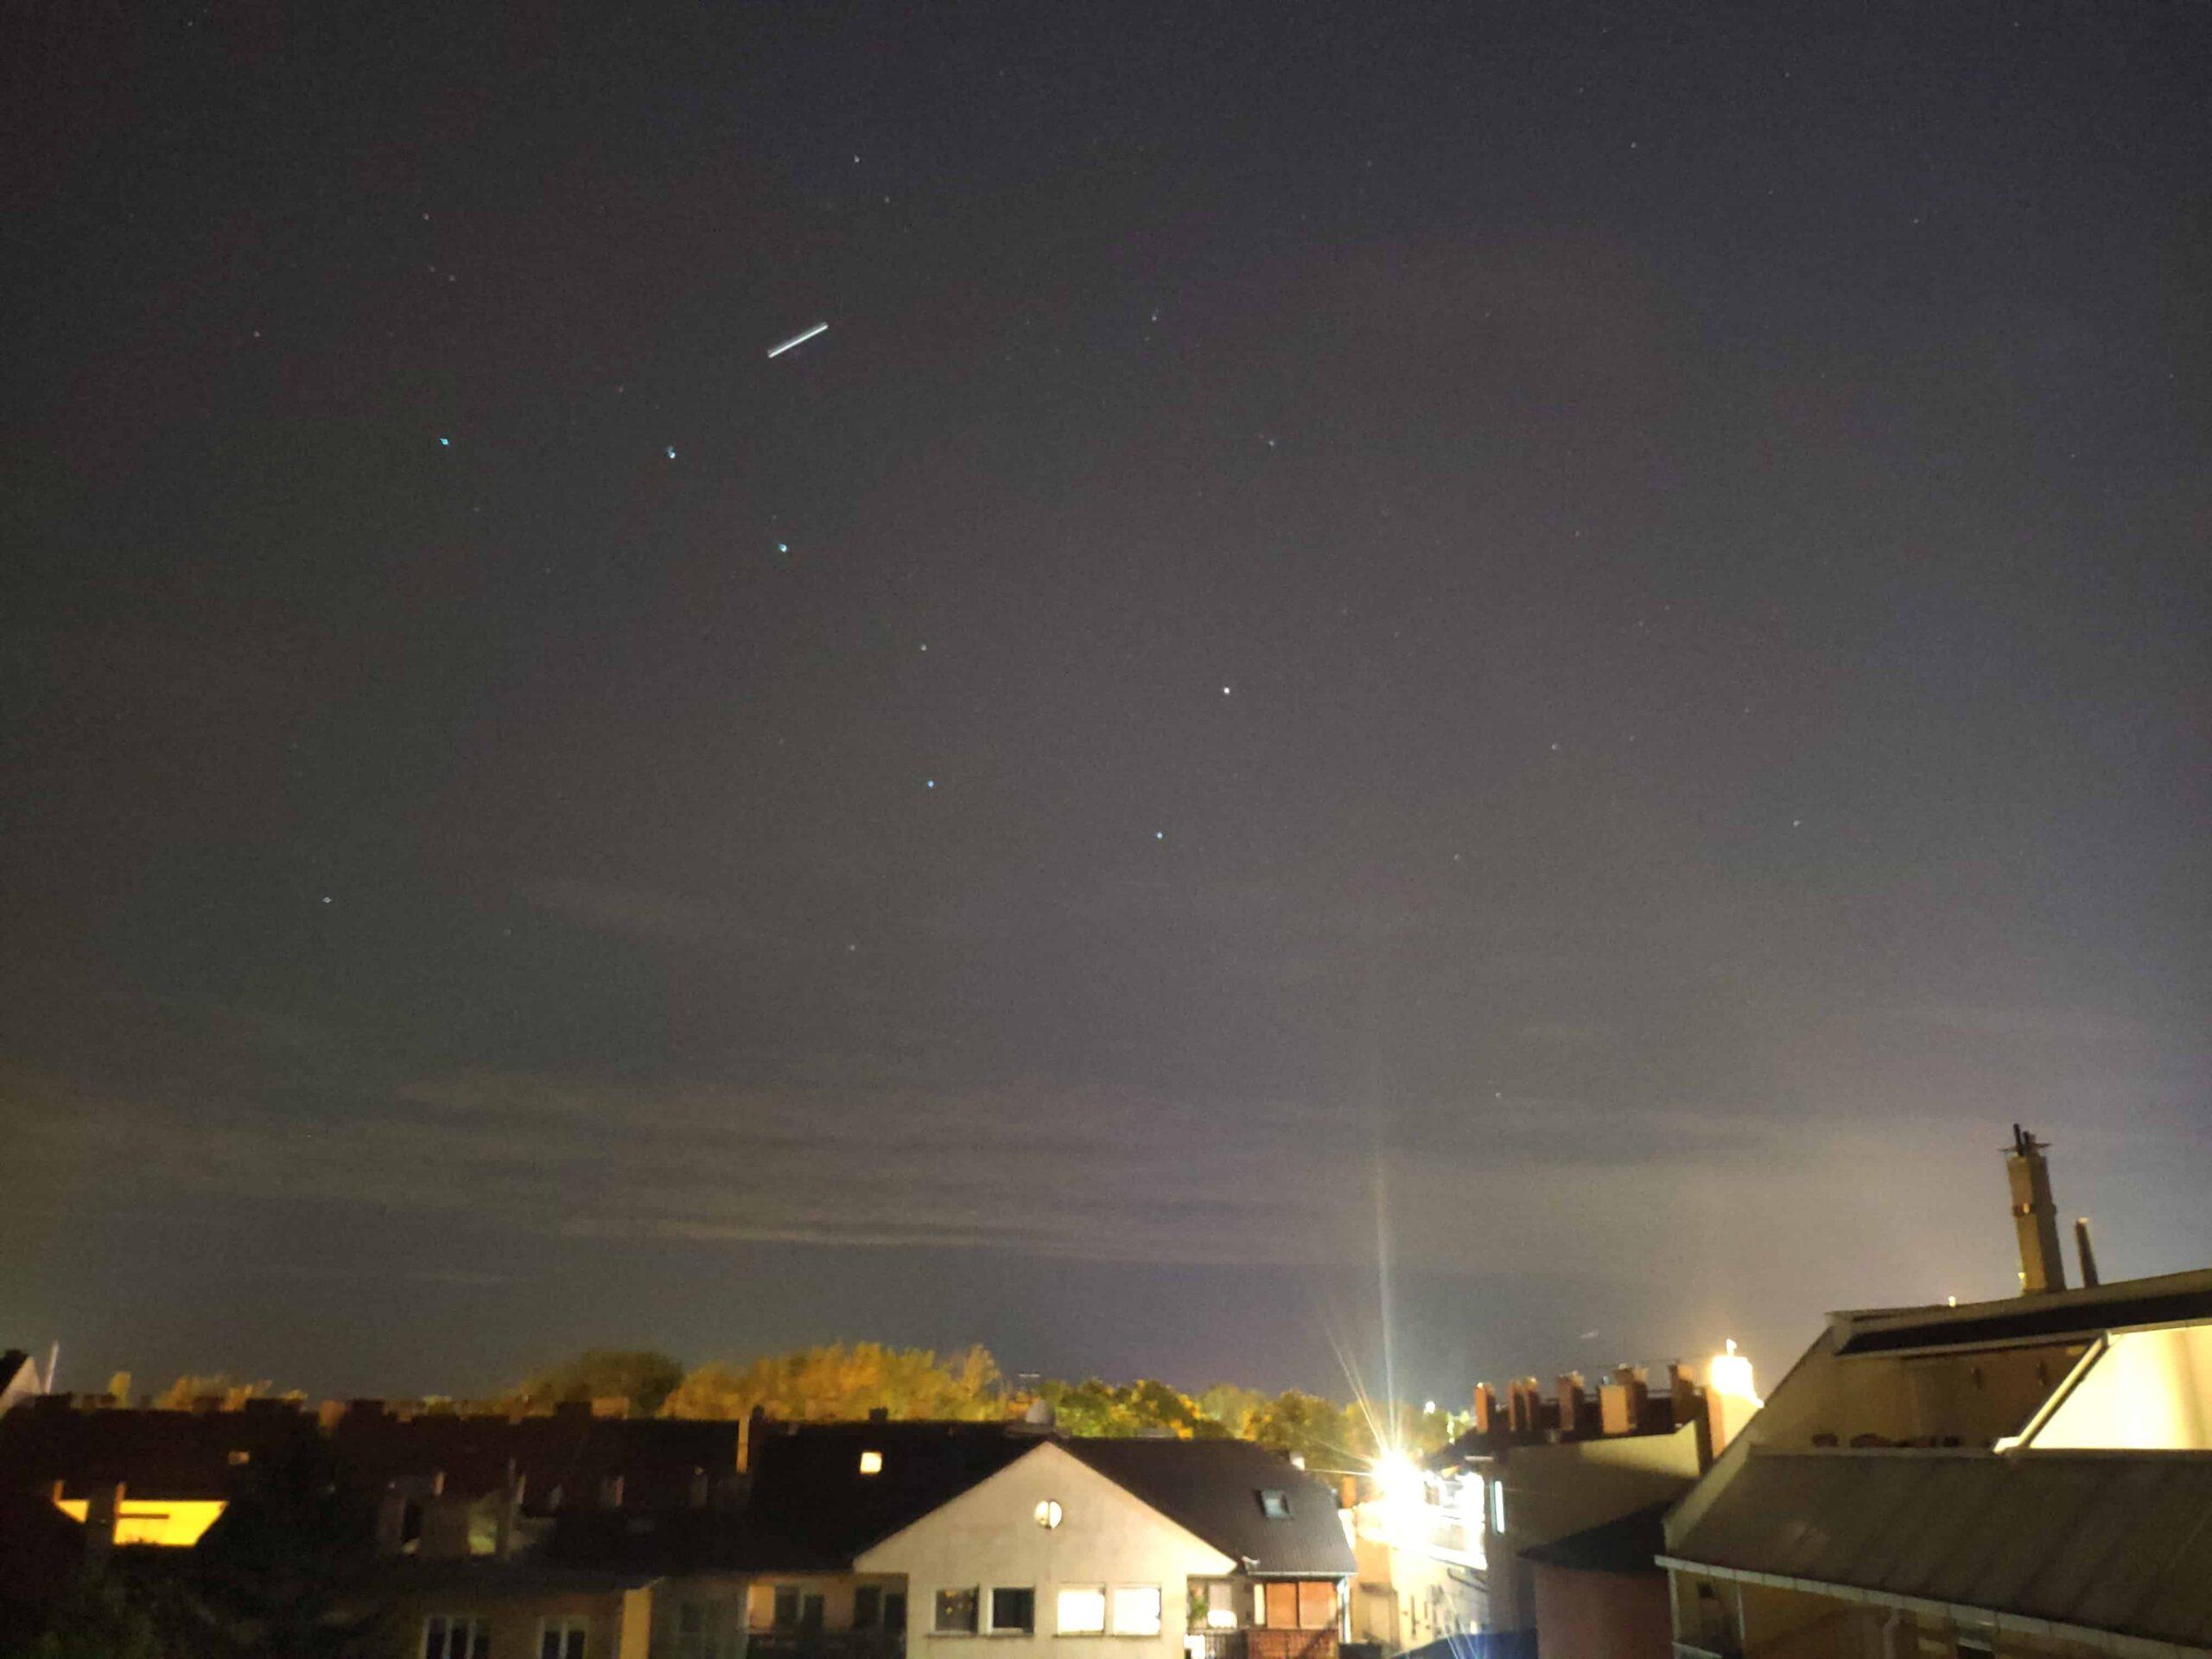 Nemzetközi Űrállomás átvonulása a Nagy Medve csillagképben 1